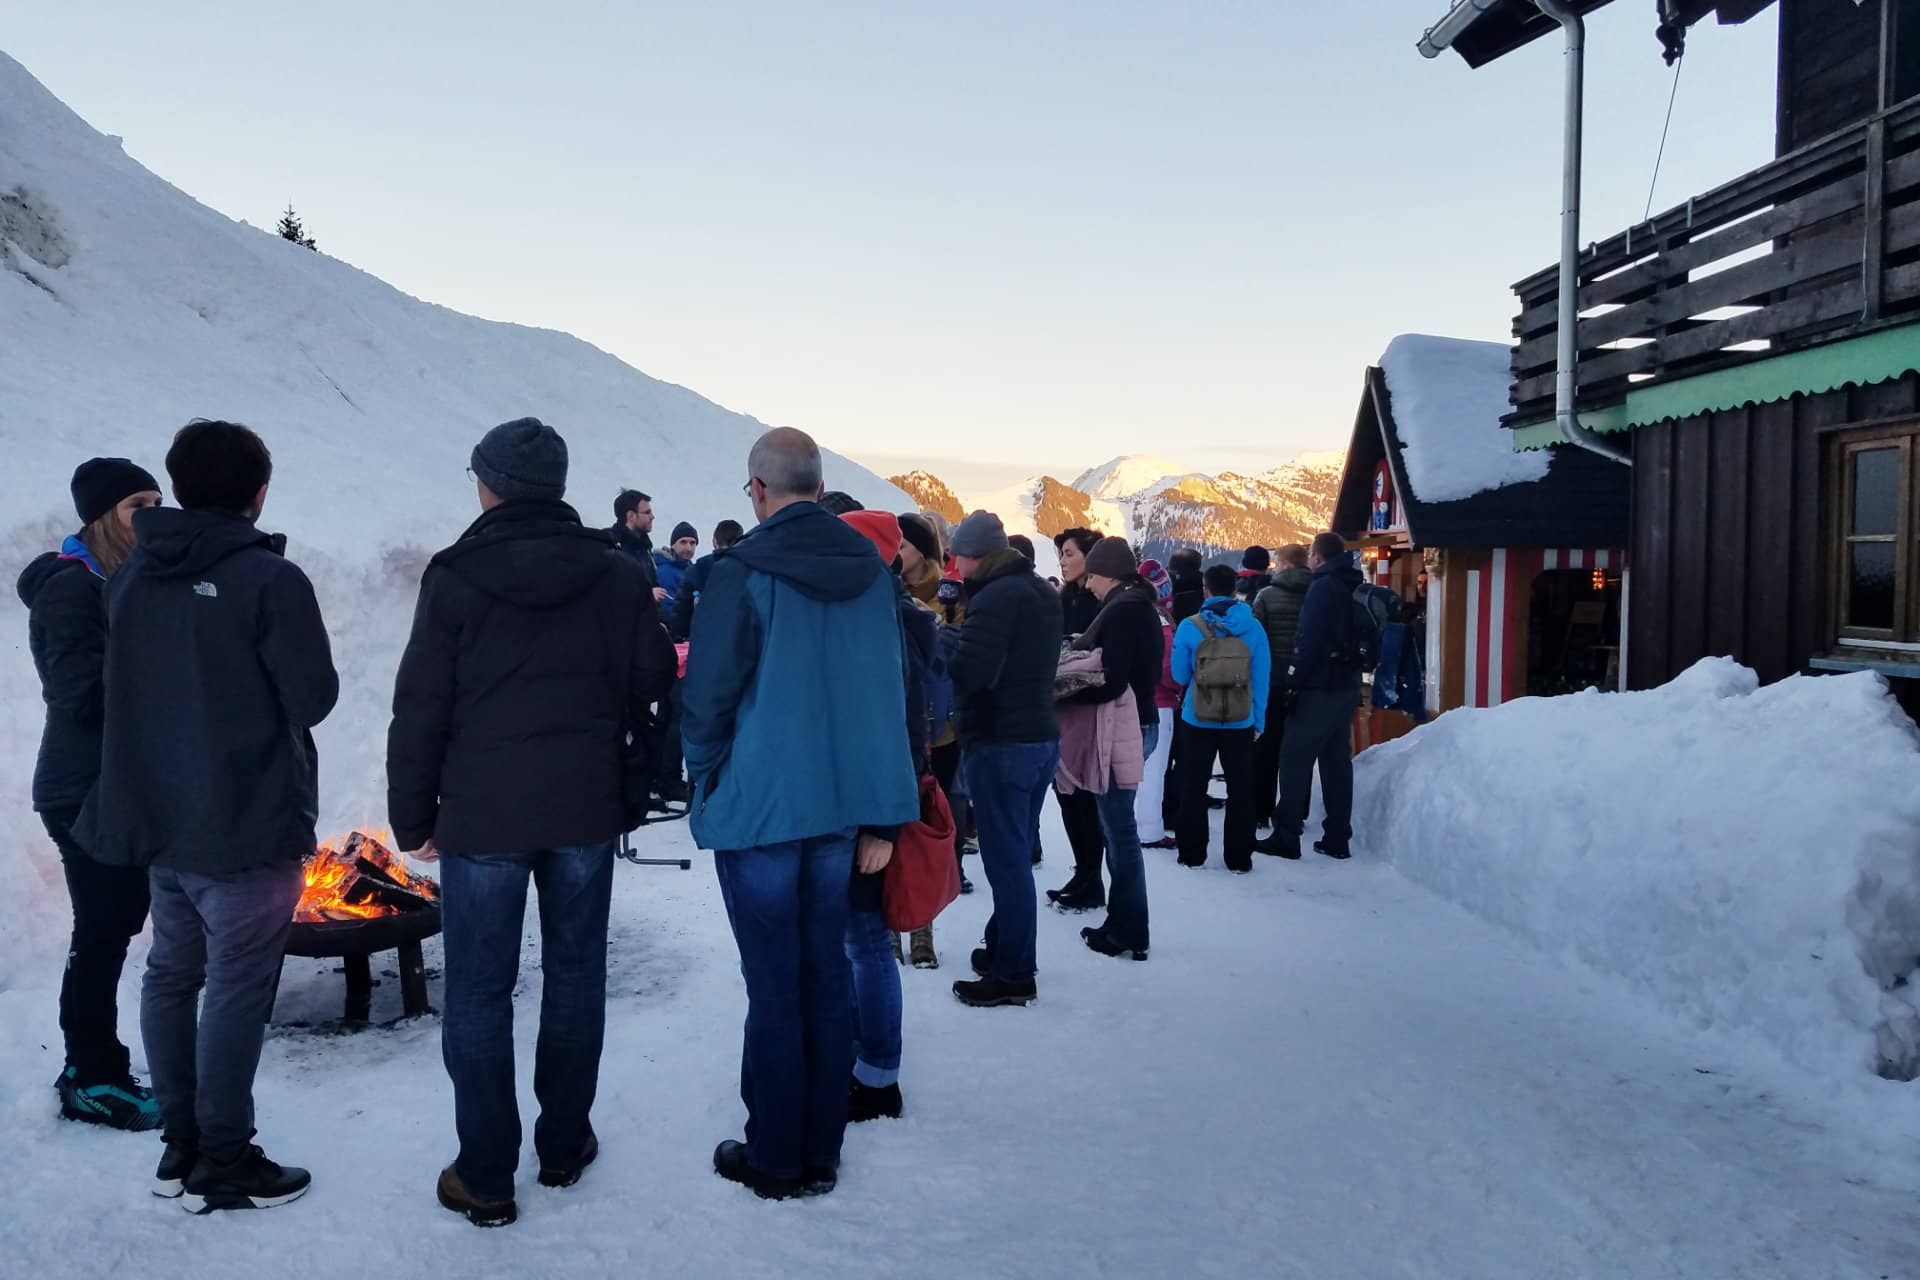 Teamevent Schneeschuhwanderung mit Zipflbobabfahrt